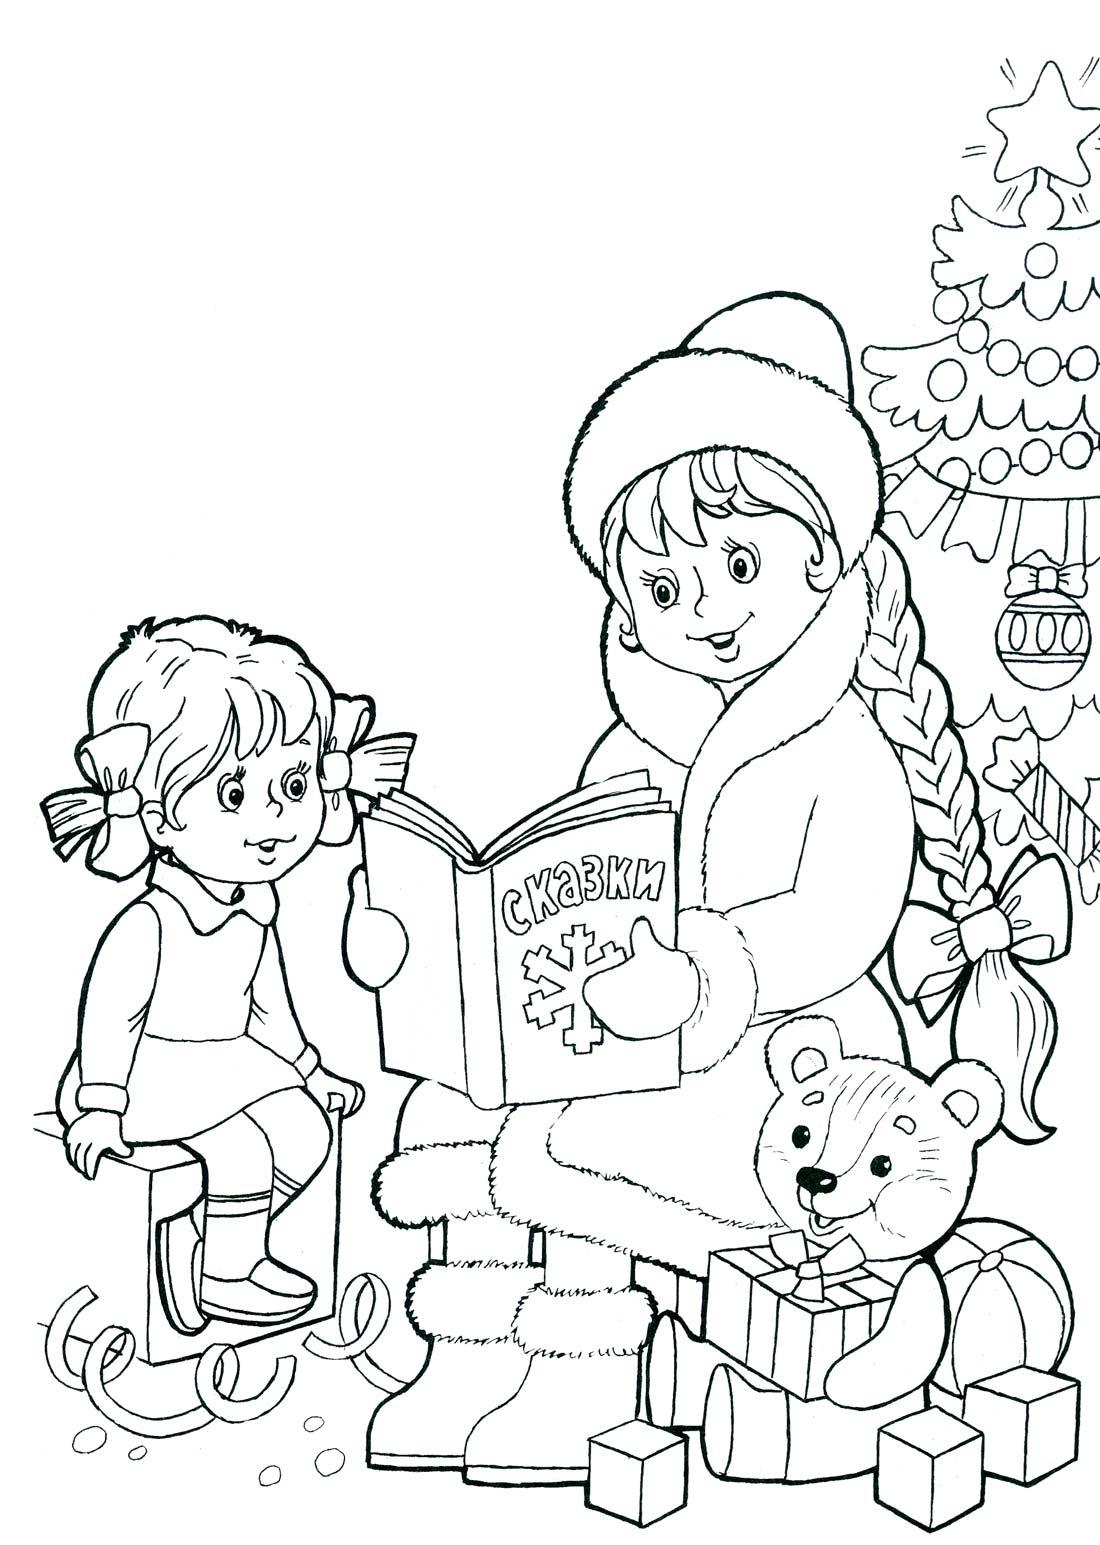 Снегурочка читает сказки Раскраски зима скачать бесплатно